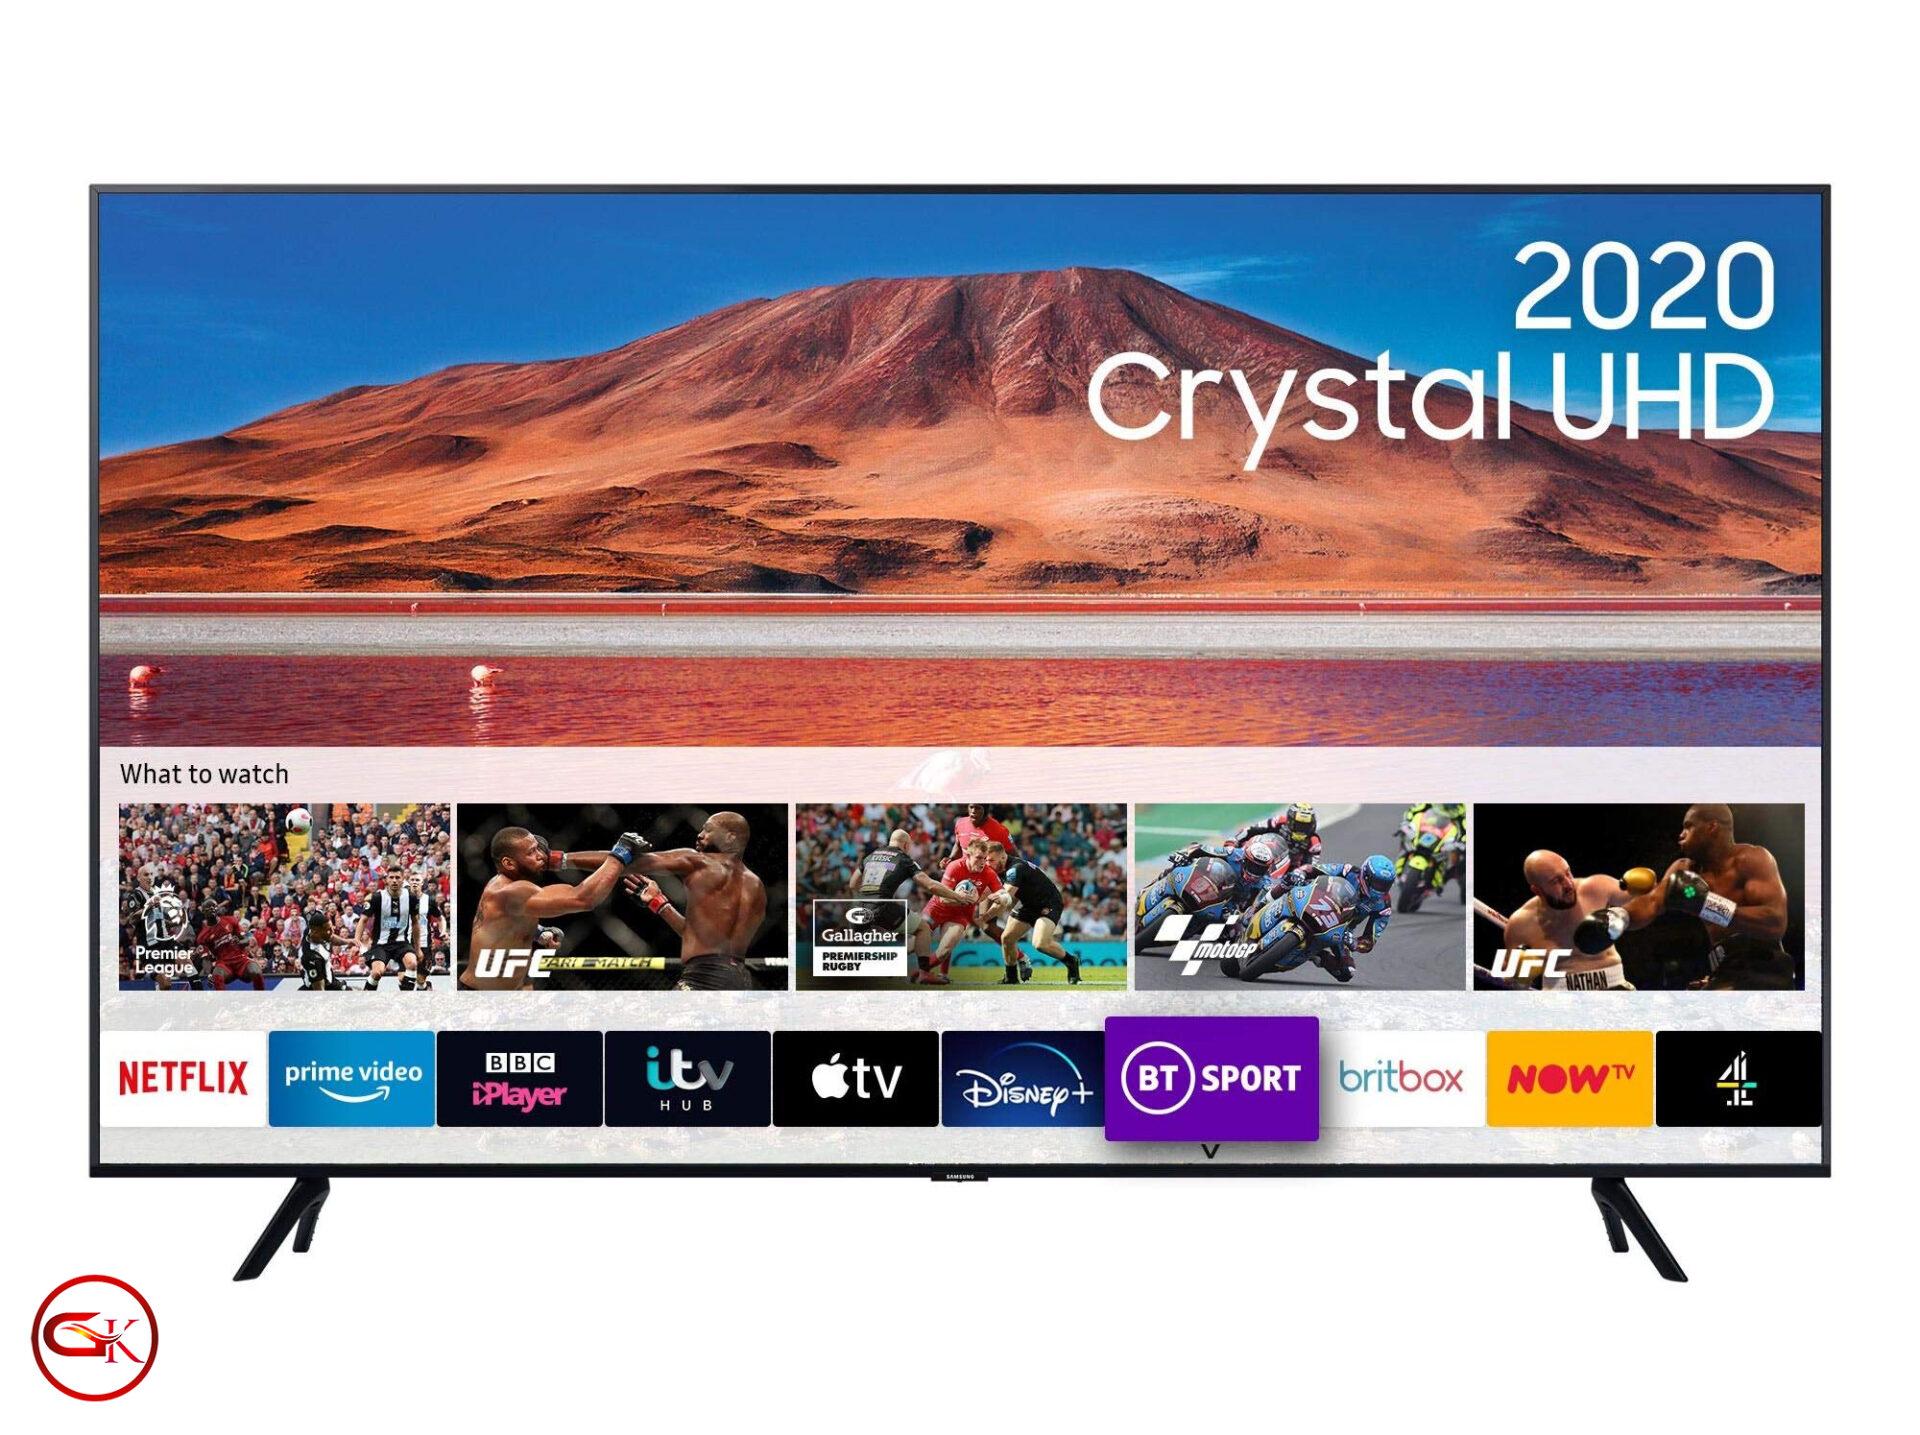 تلویزیون 43 اینچ سامسونگ مدل Samsung T7000 با کیفیت 4K